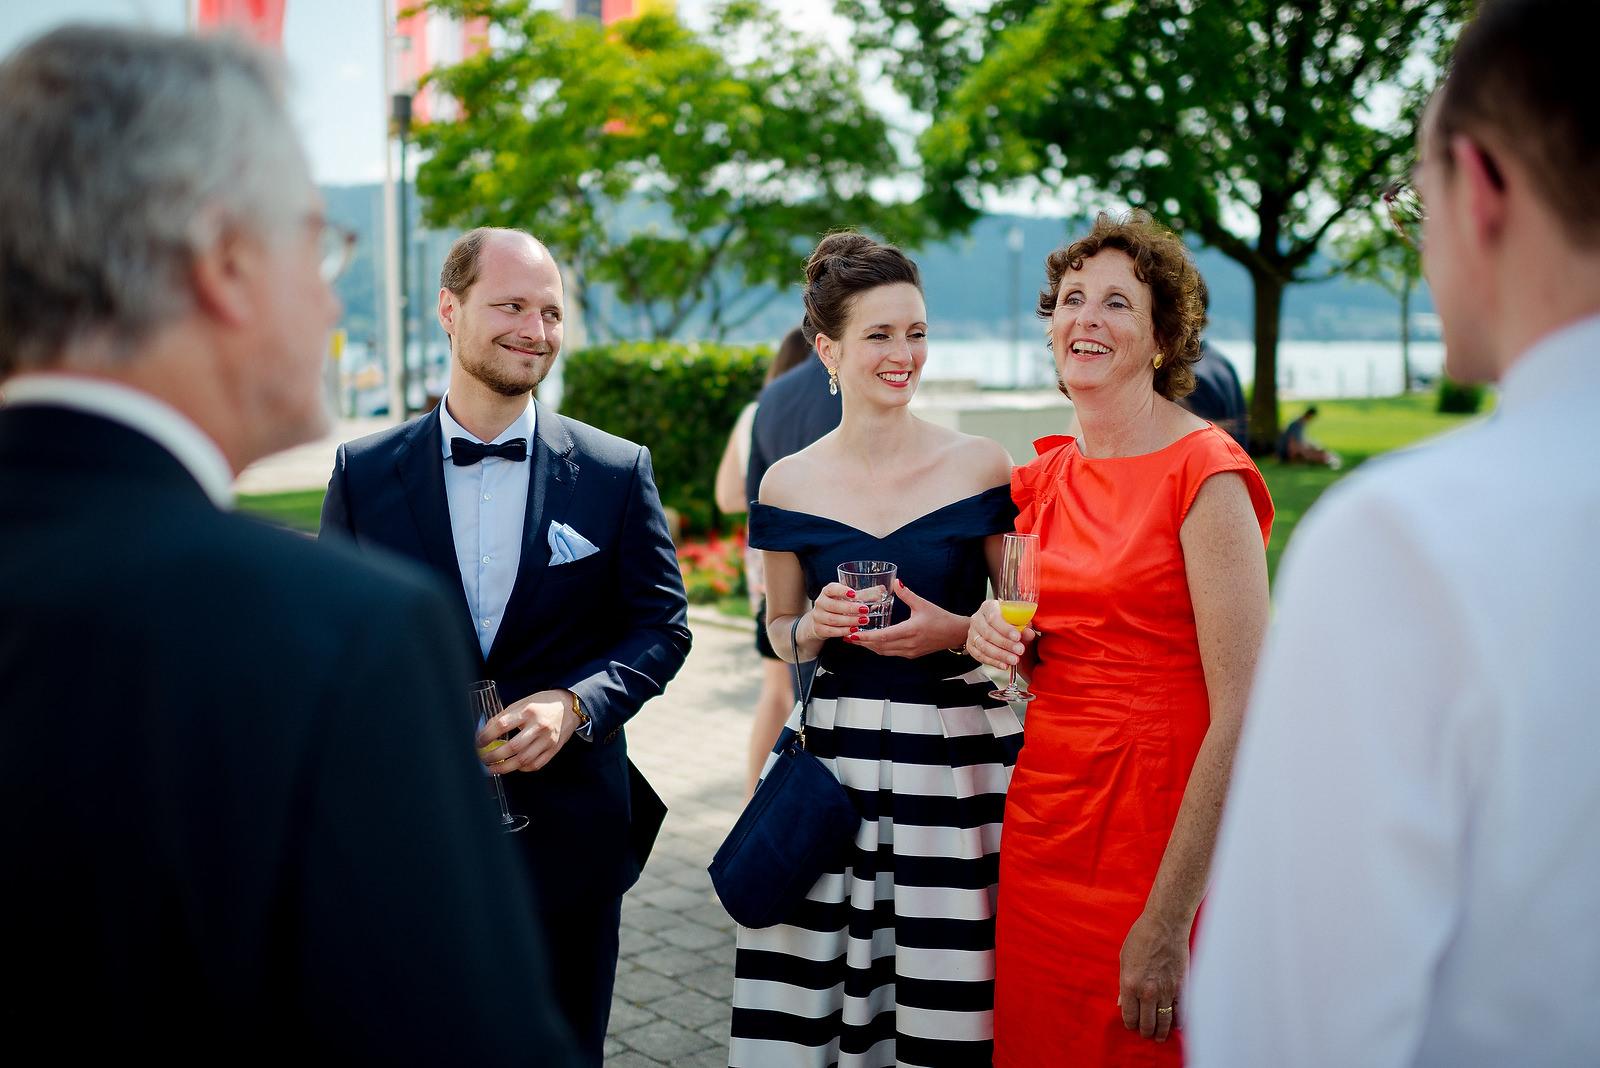 Fotograf Konstanz - Hochzeitsfotograf Bodensee Zollhaus Ludwigshafen Hochzeit Konstanz EFP 043 - Hochzeitsreportage im Zollhaus in Bodman-Ludwigshafen, Bodensee  - 173 -